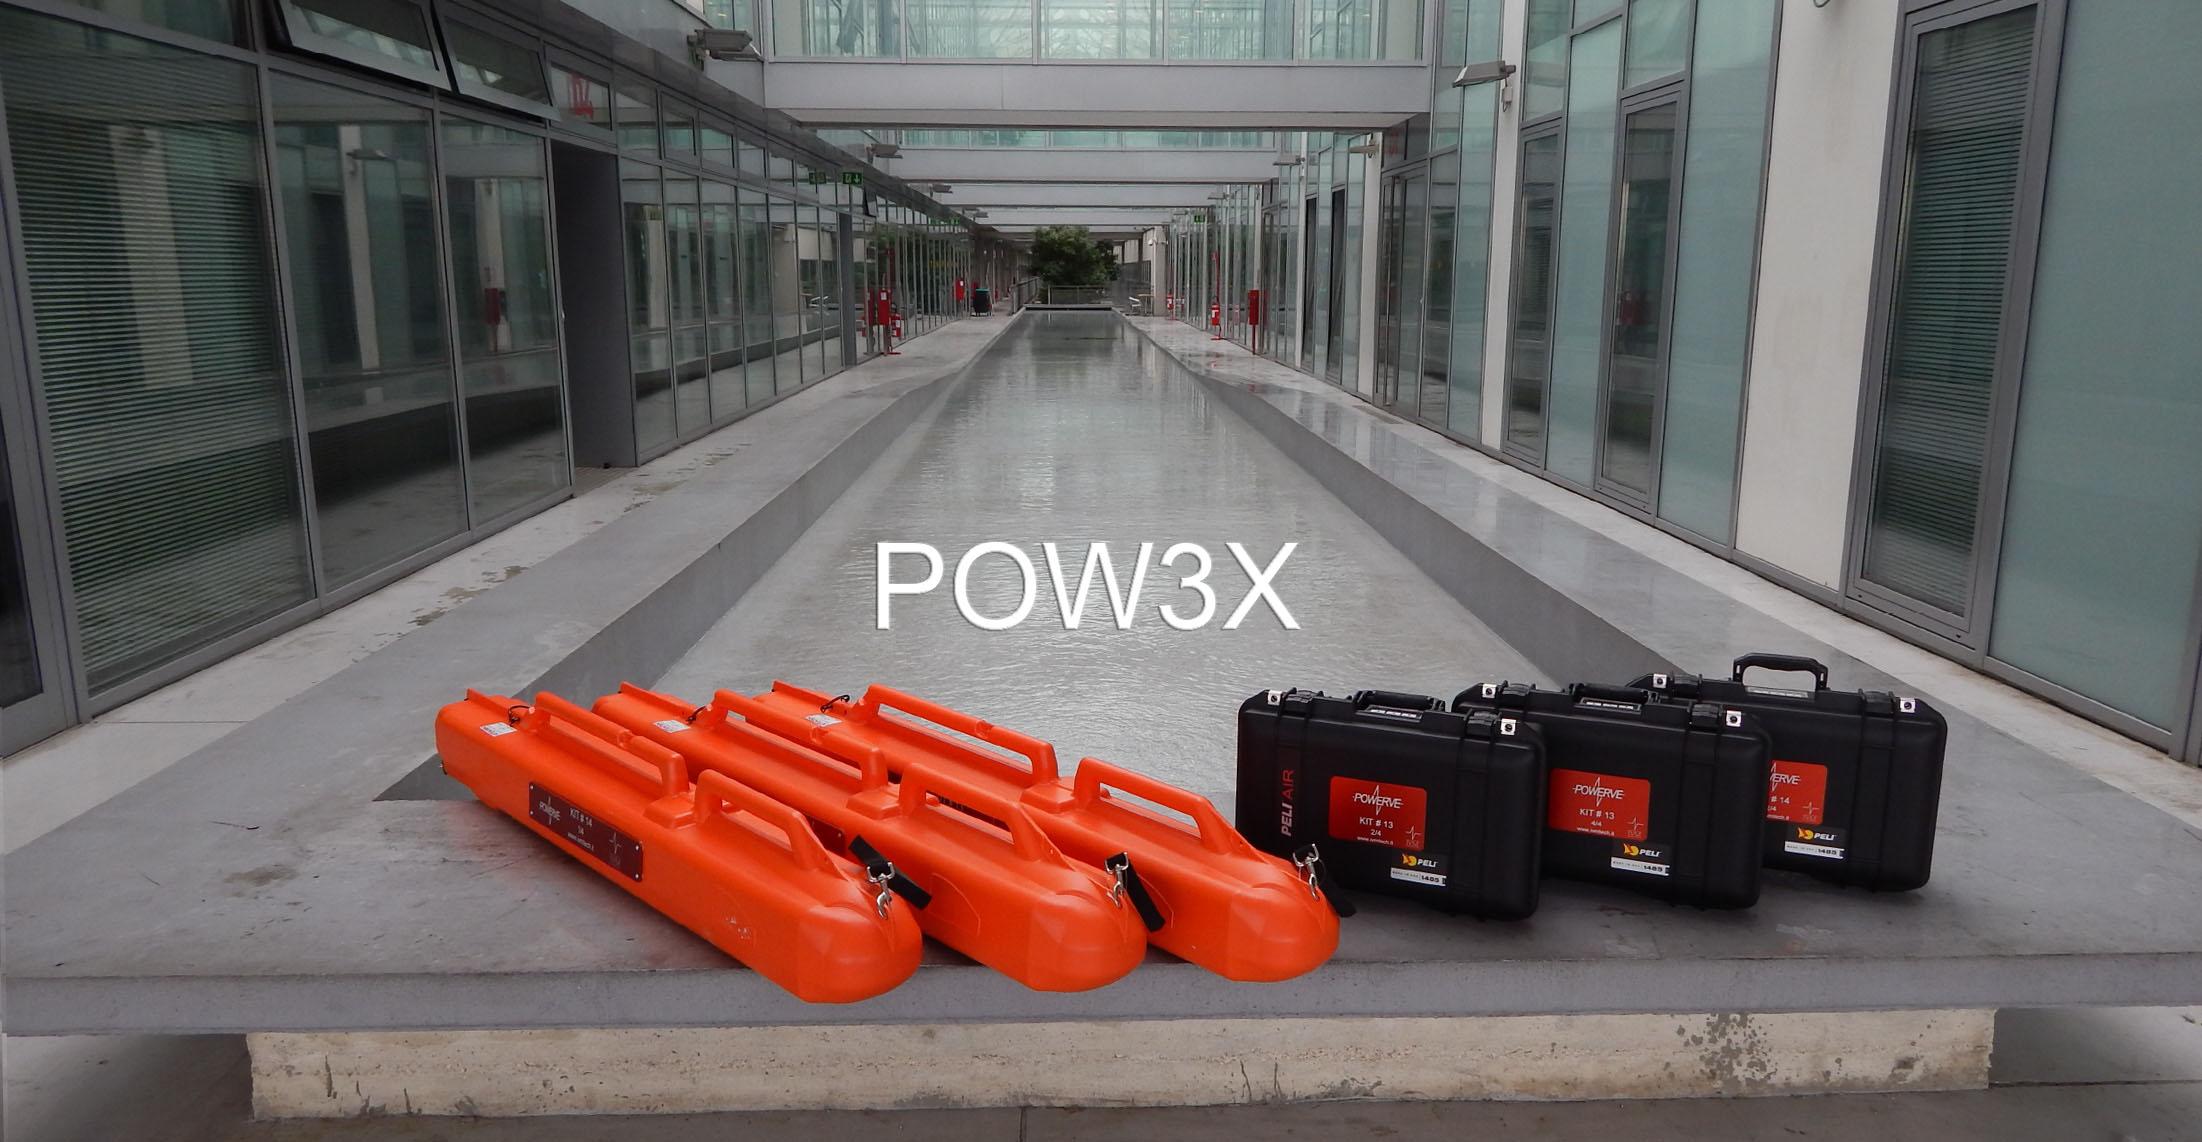 POW3X